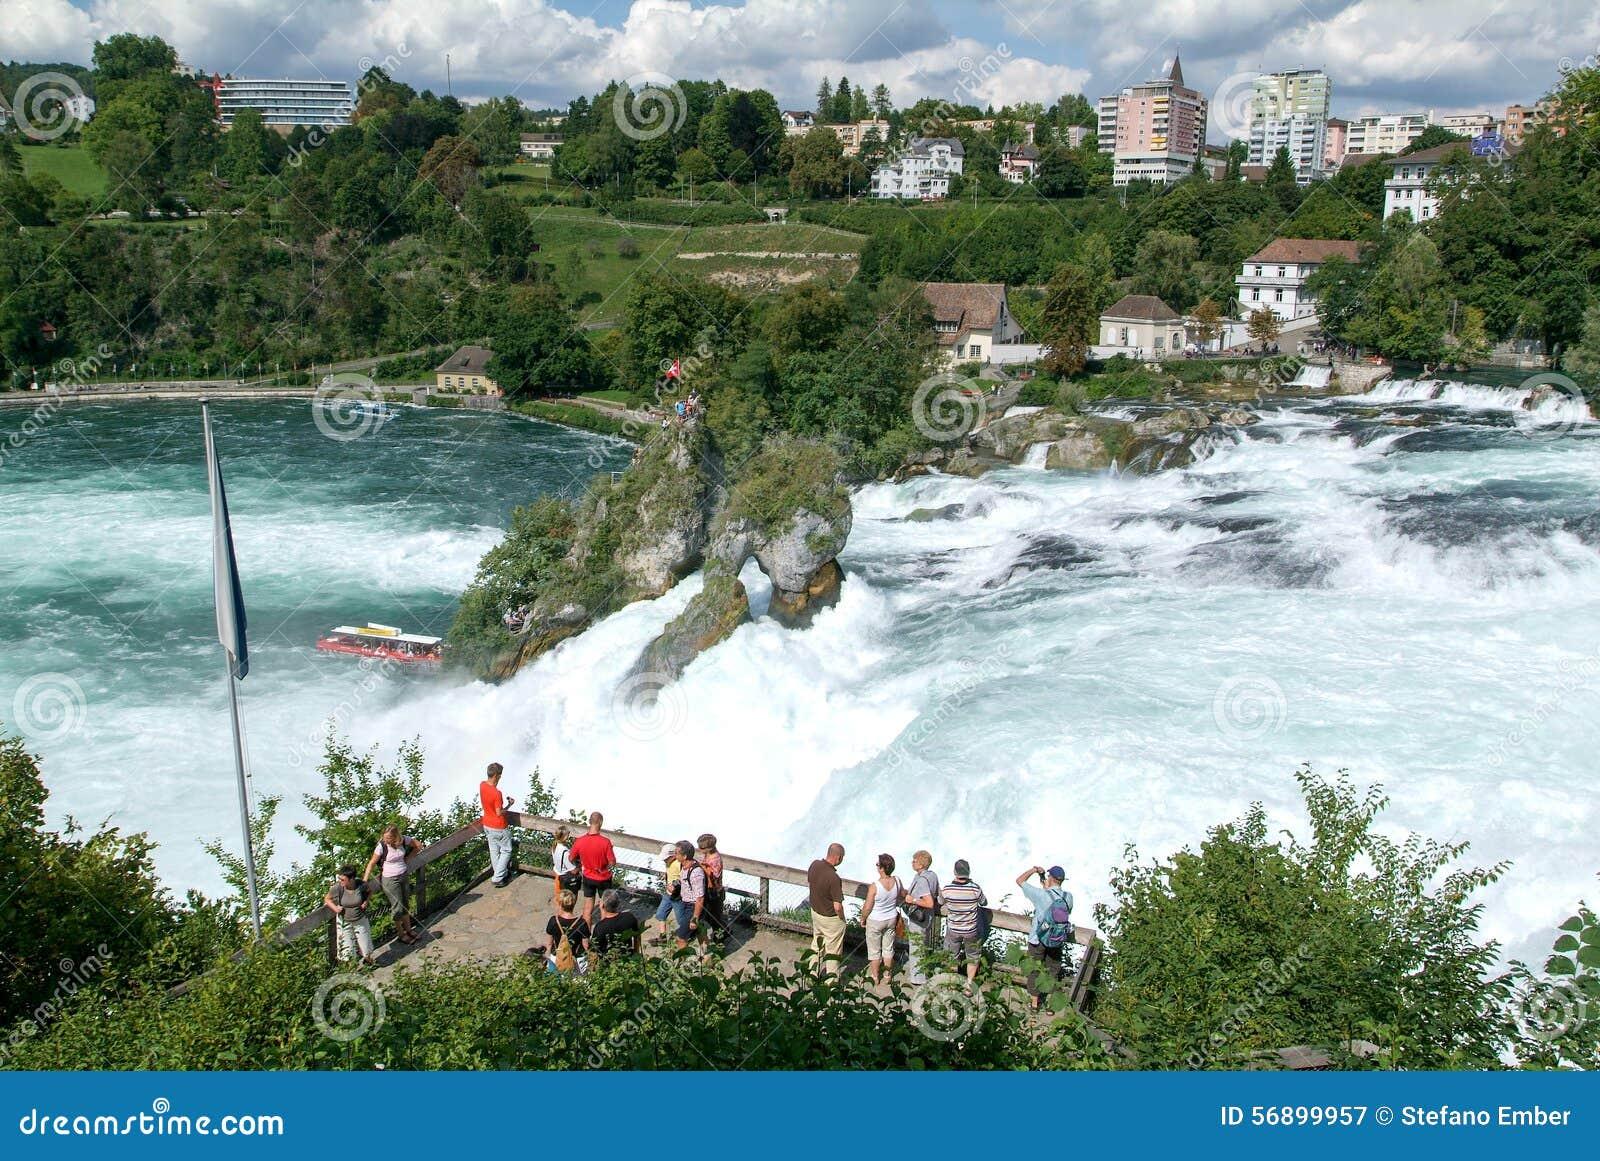 Waterval Rijn Zwitserland.De Rijn Watervallen In Neuhausen Op Zwitserland Redactionele